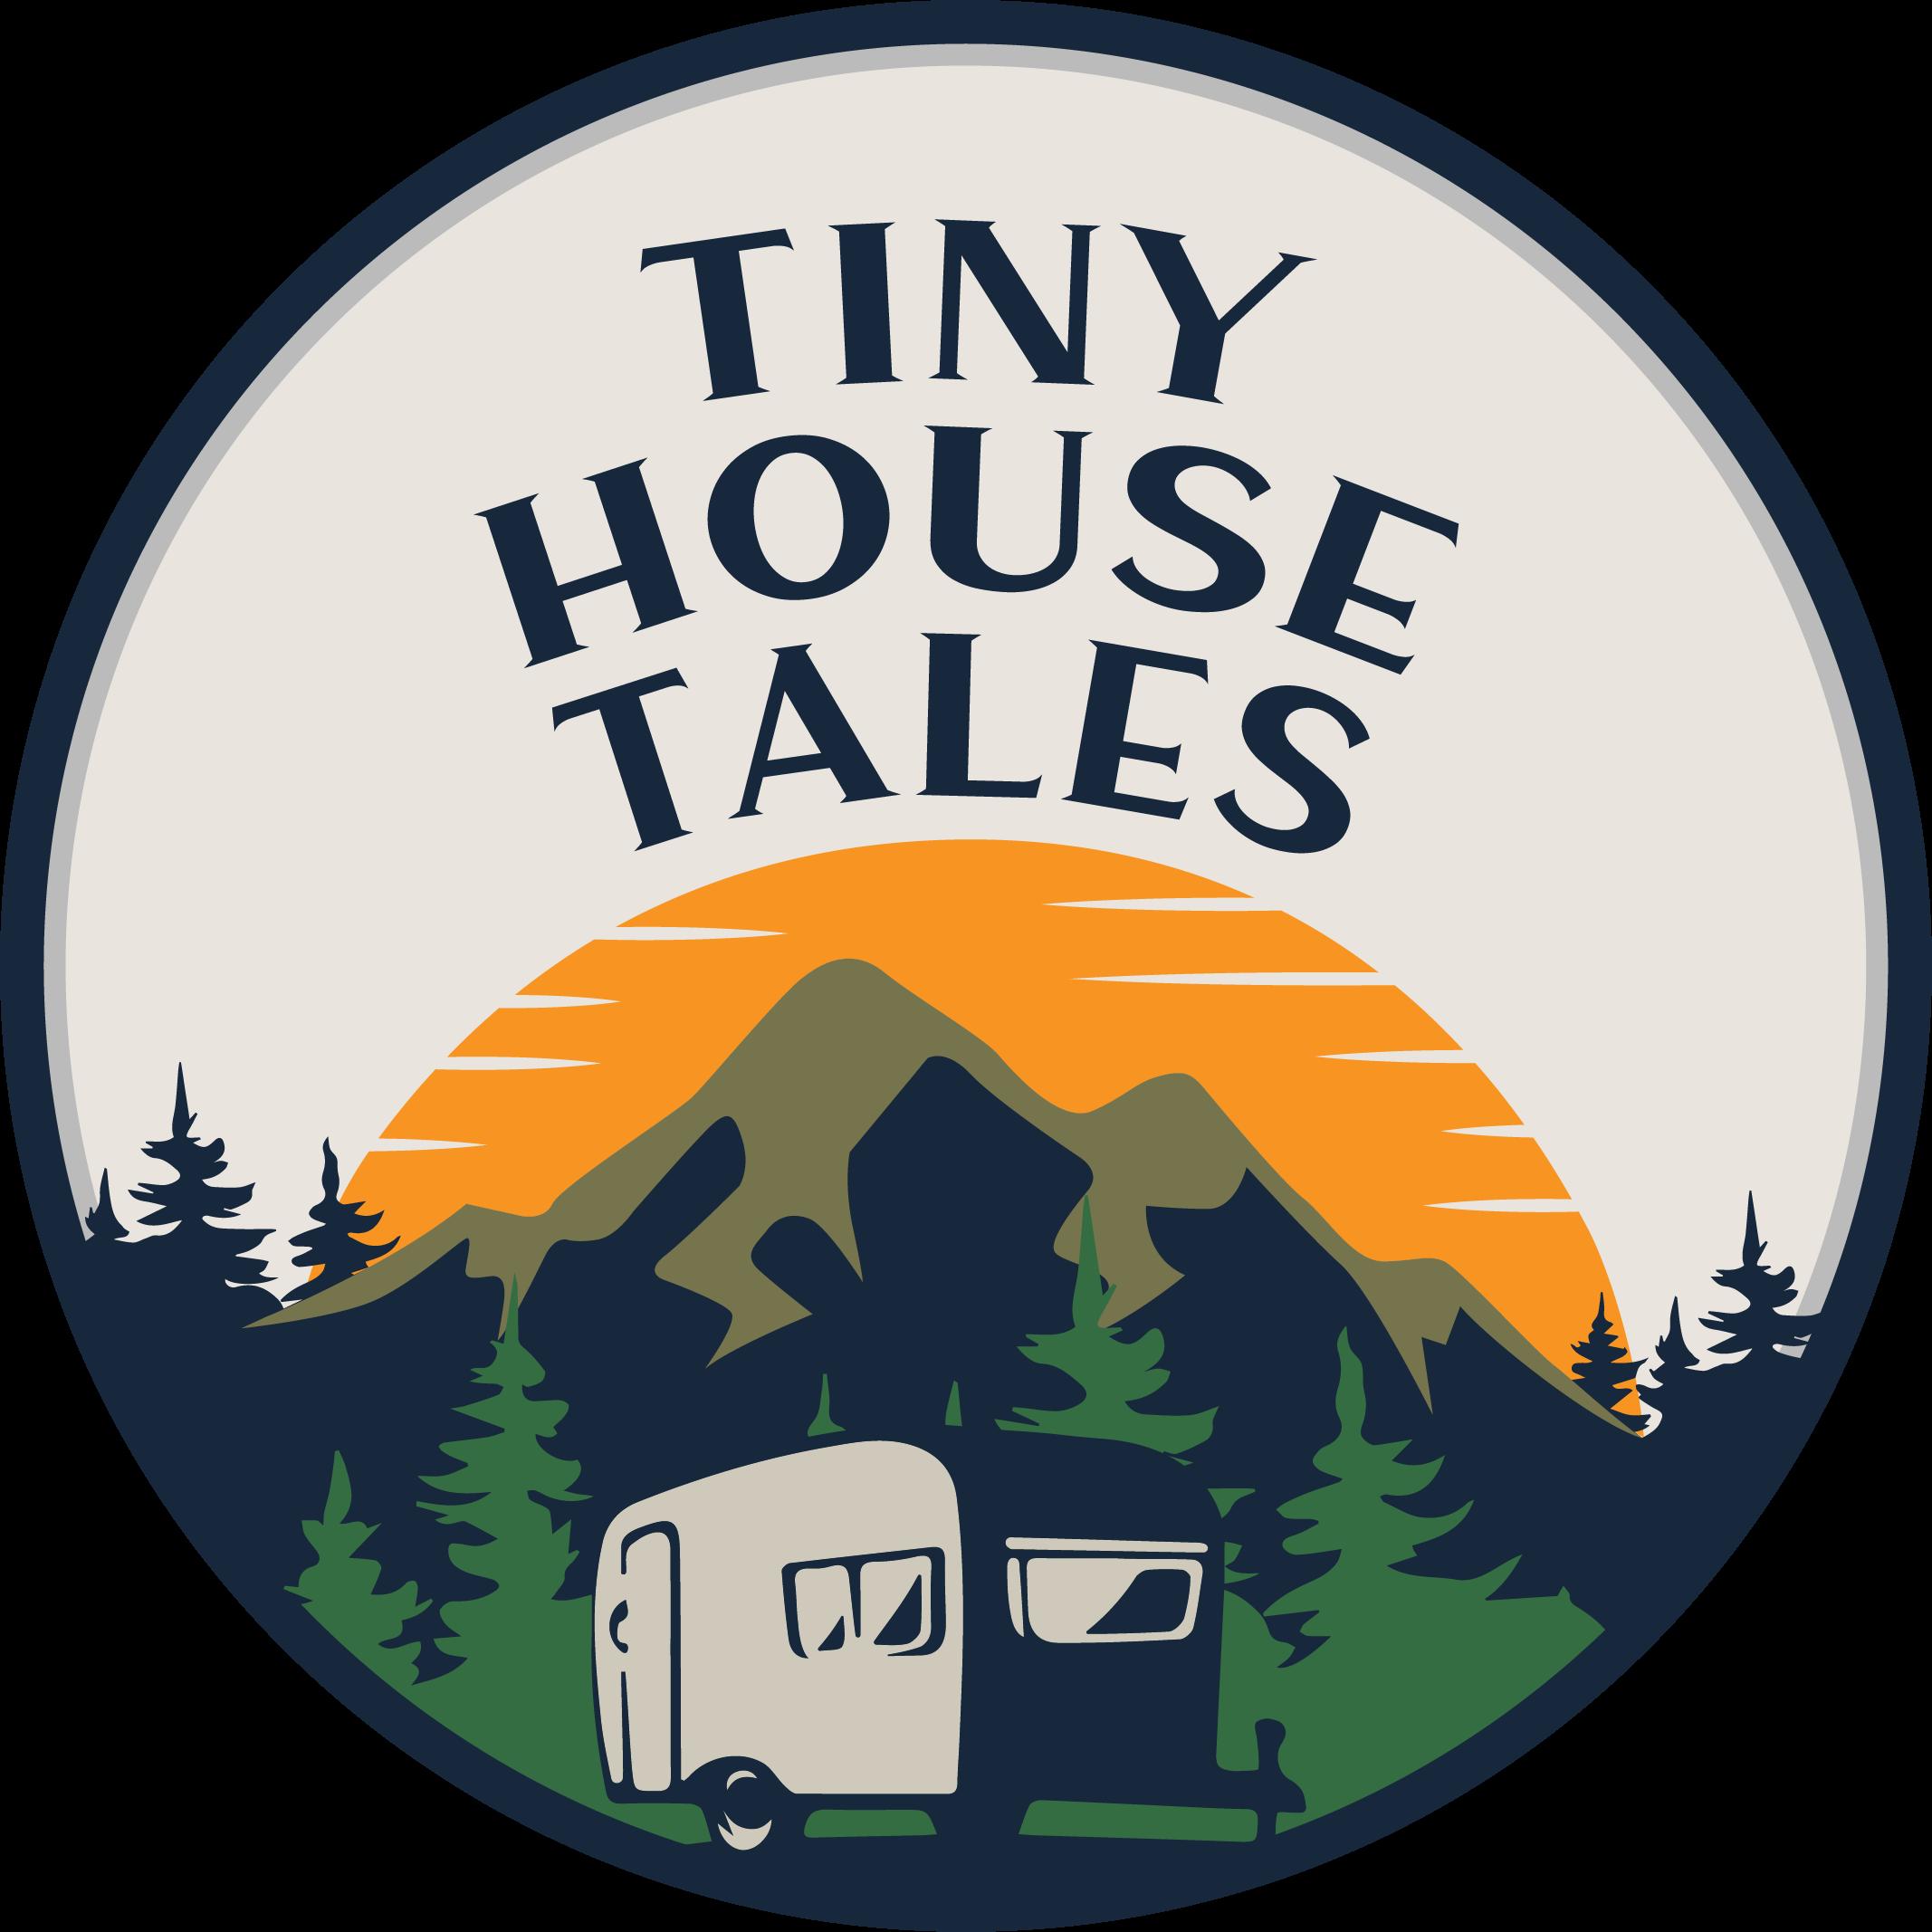 Tiny House Tales